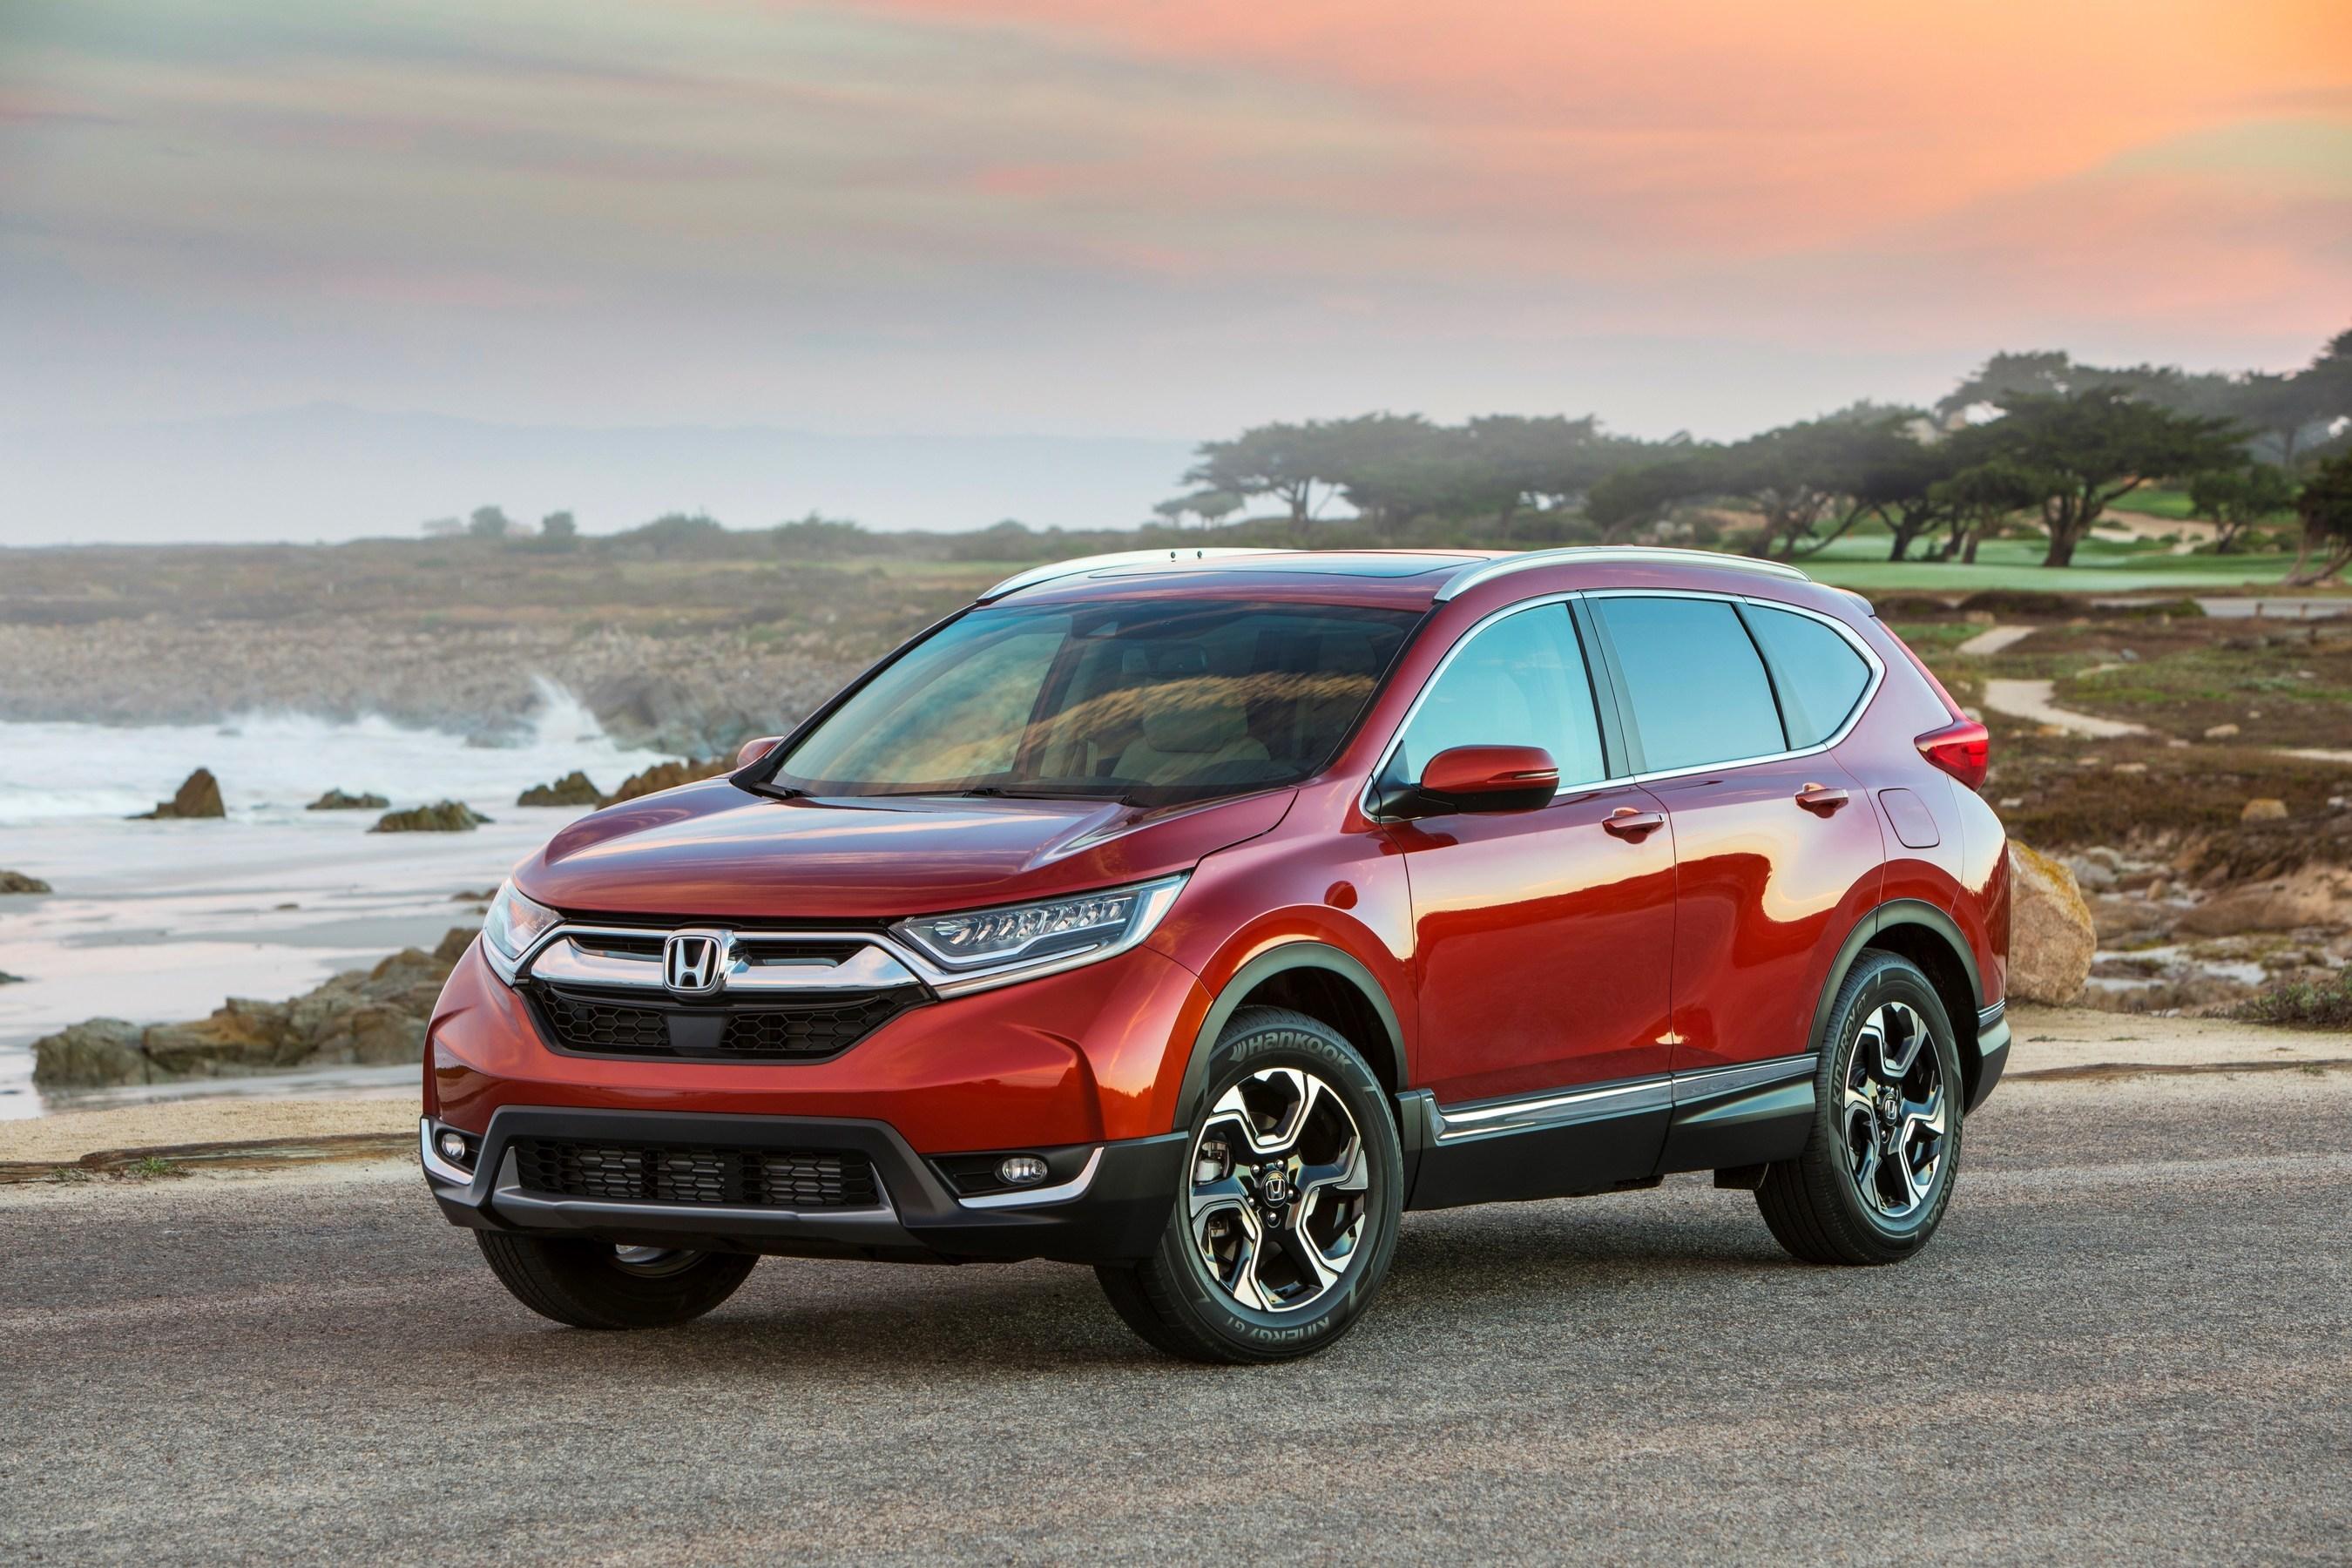 Kelebihan Kekurangan Honda Cr V 2017 Murah Berkualitas